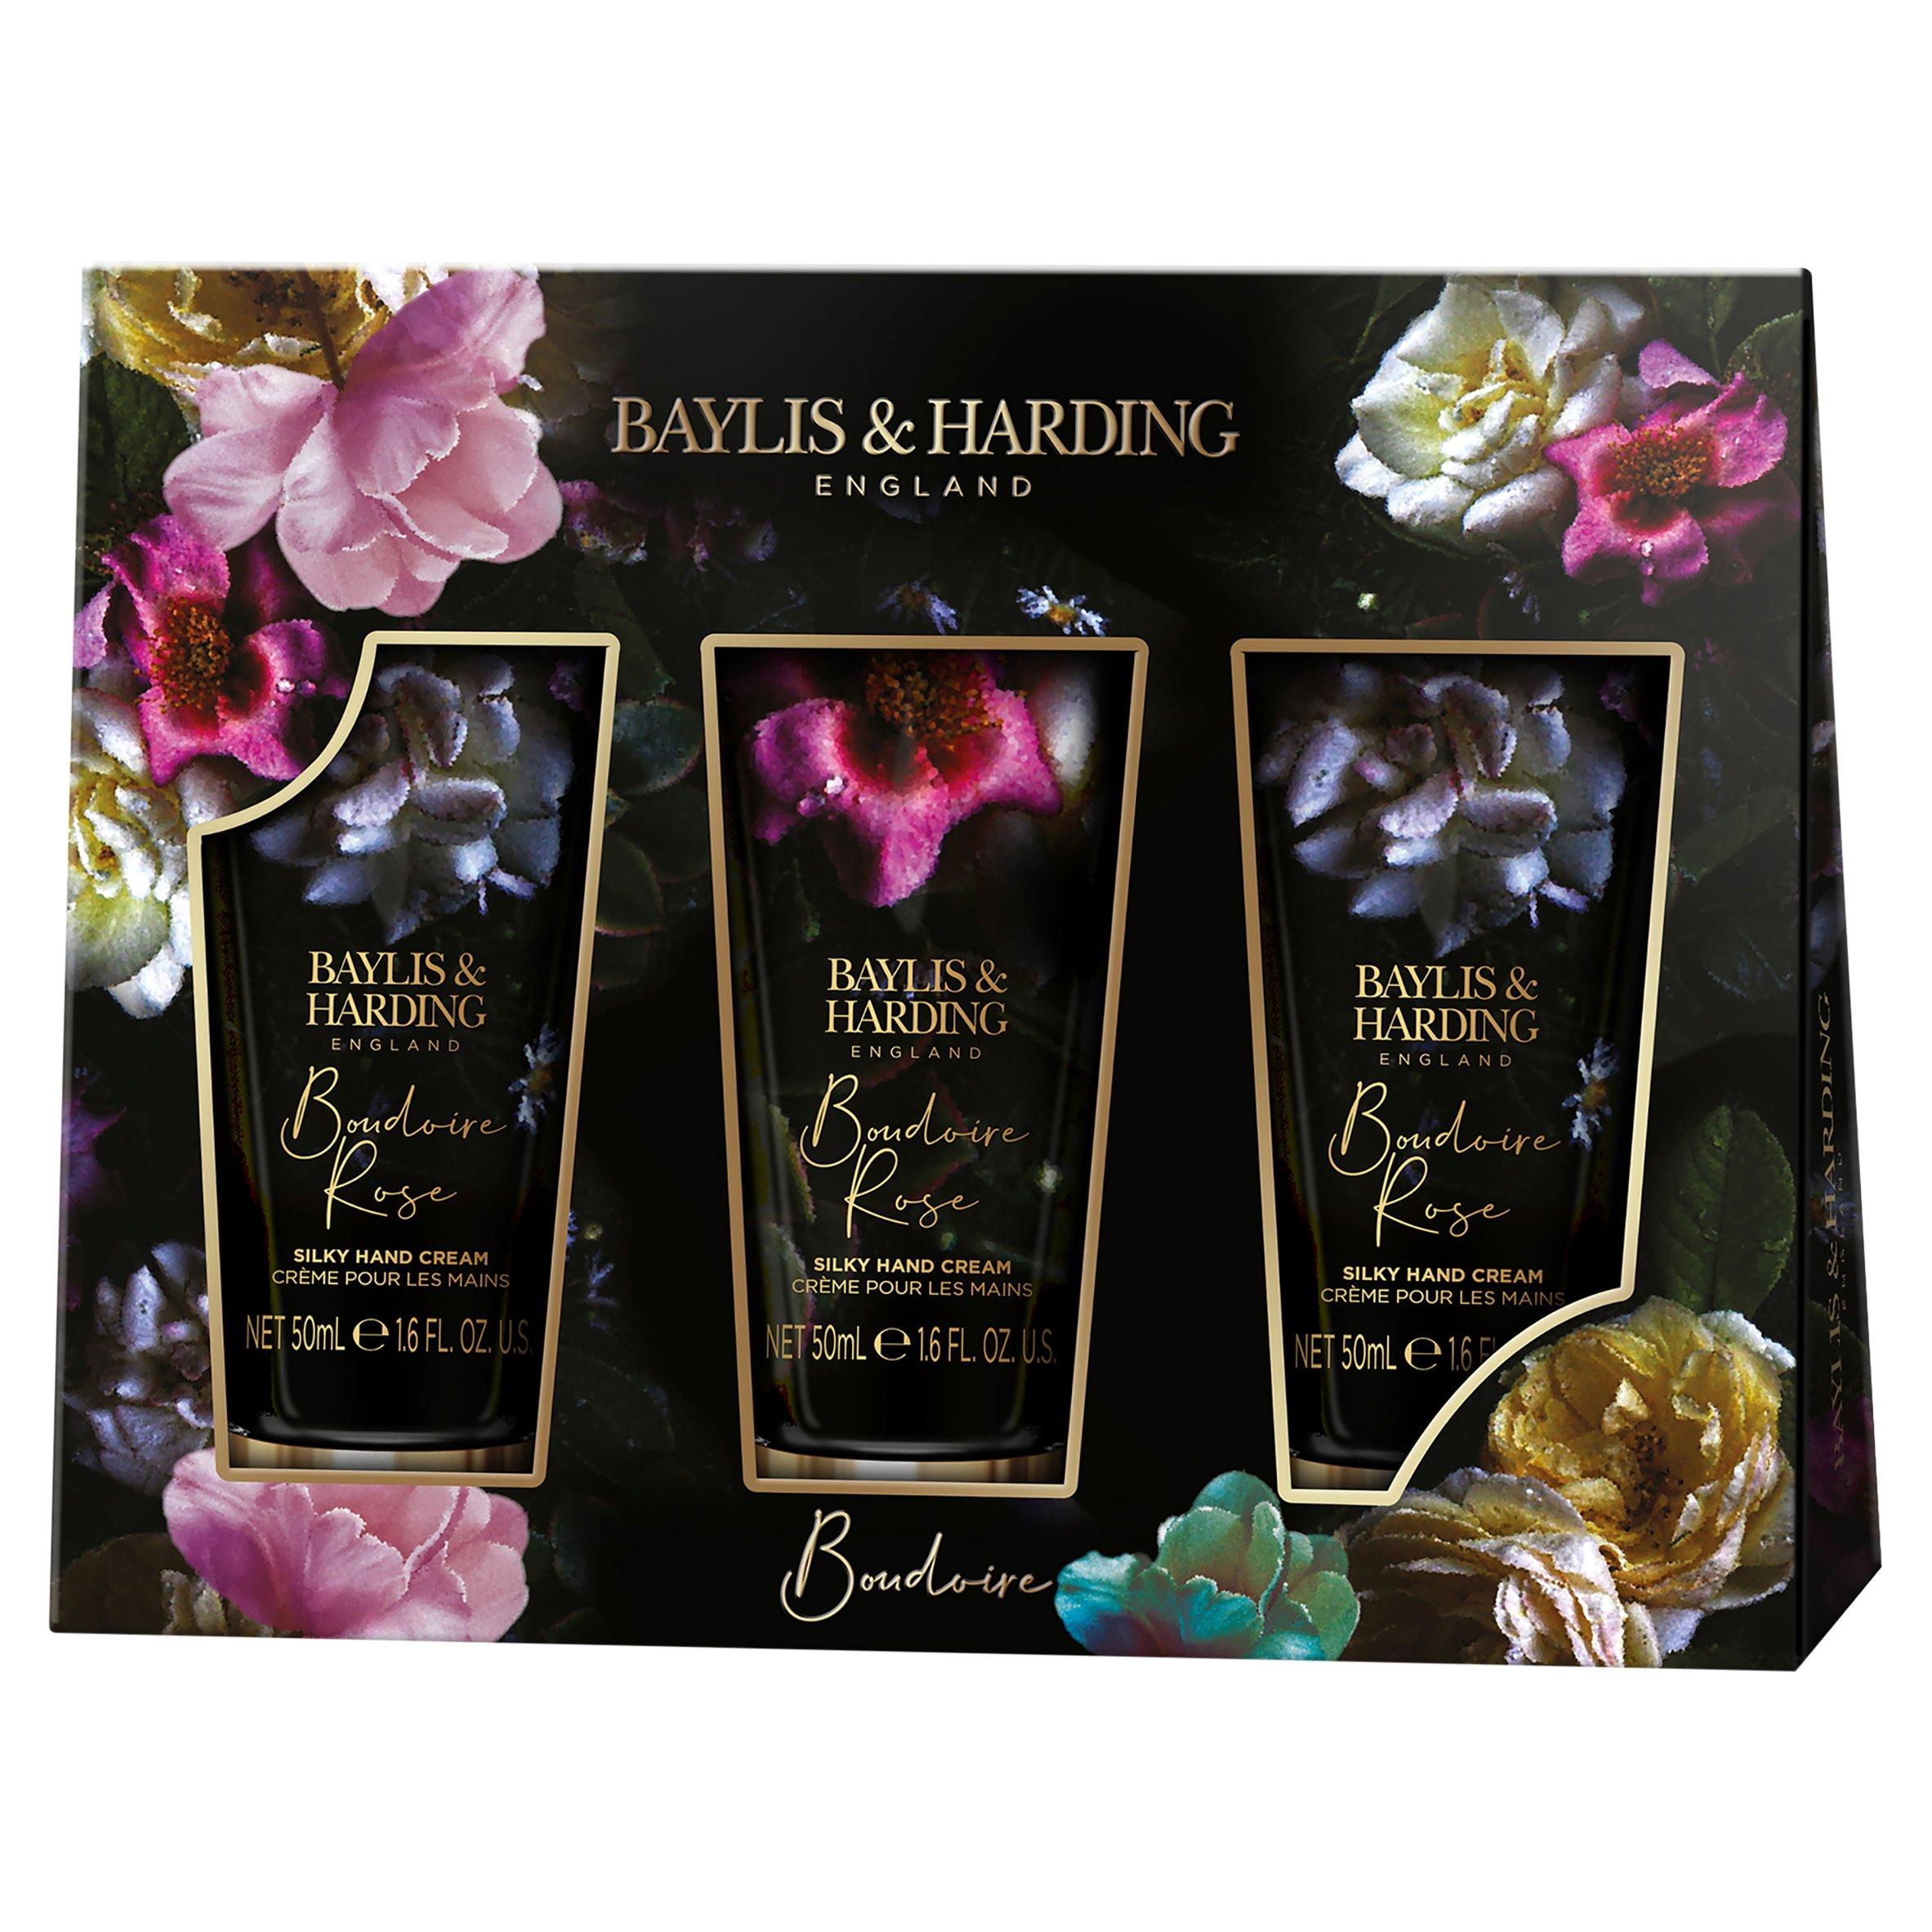 Baylis & Harding 3 Boudoire Rose Hand Cream 3X50ml